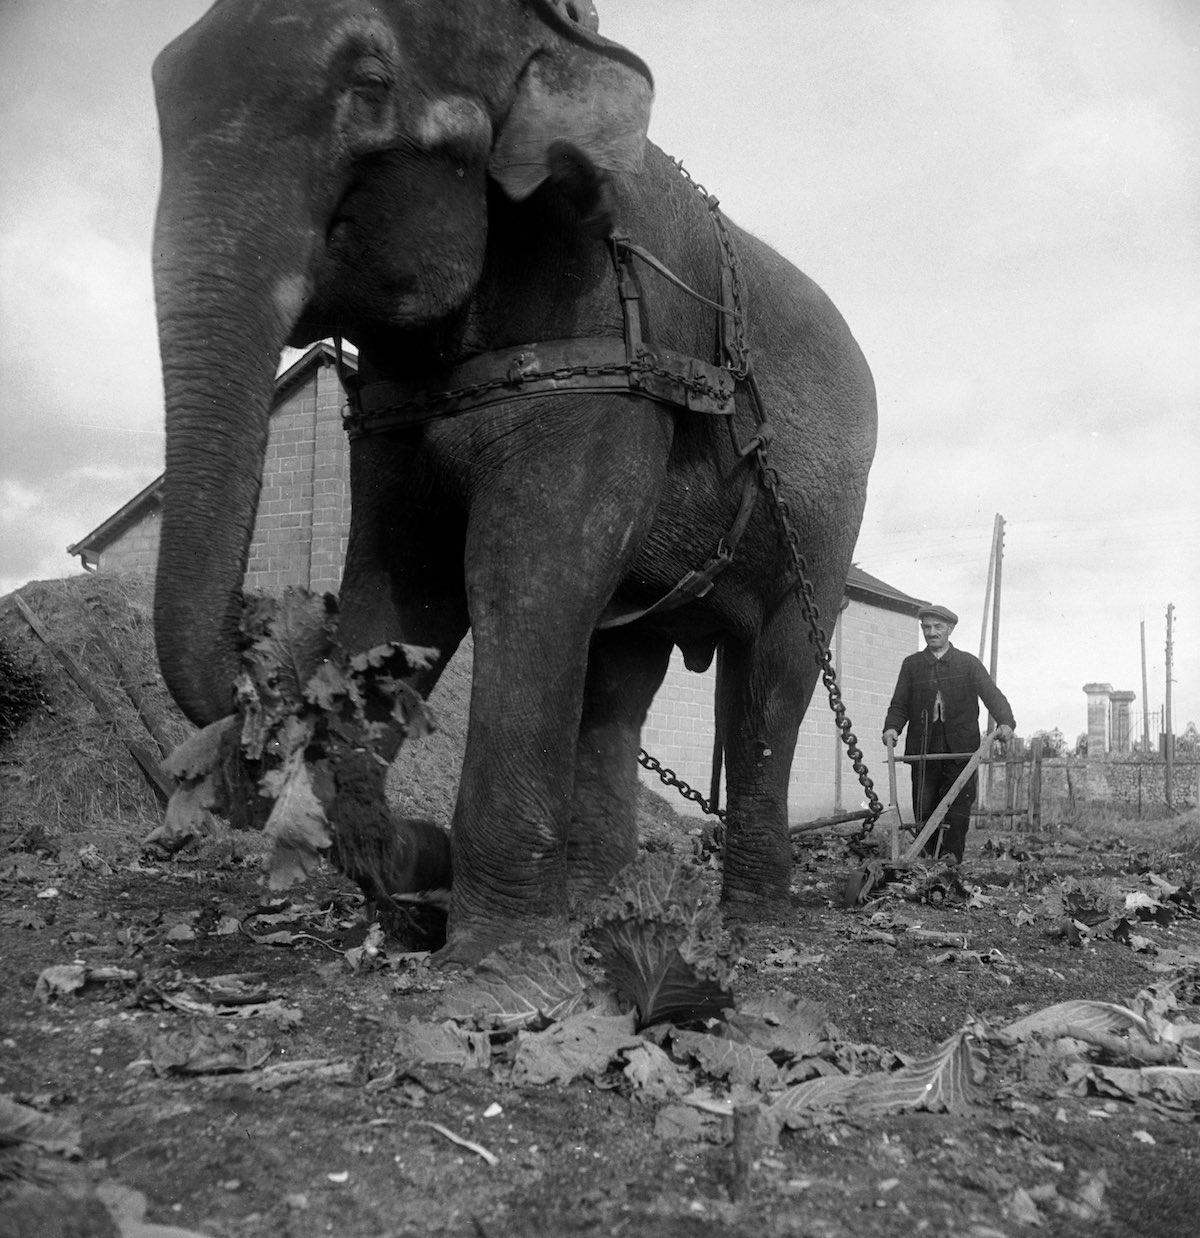 Слон из цирка Амар тянет плуг в поле оккупированной Франции, 1941 год. Фото: Пьер Джахан/Роджер Виоле/Getty Images